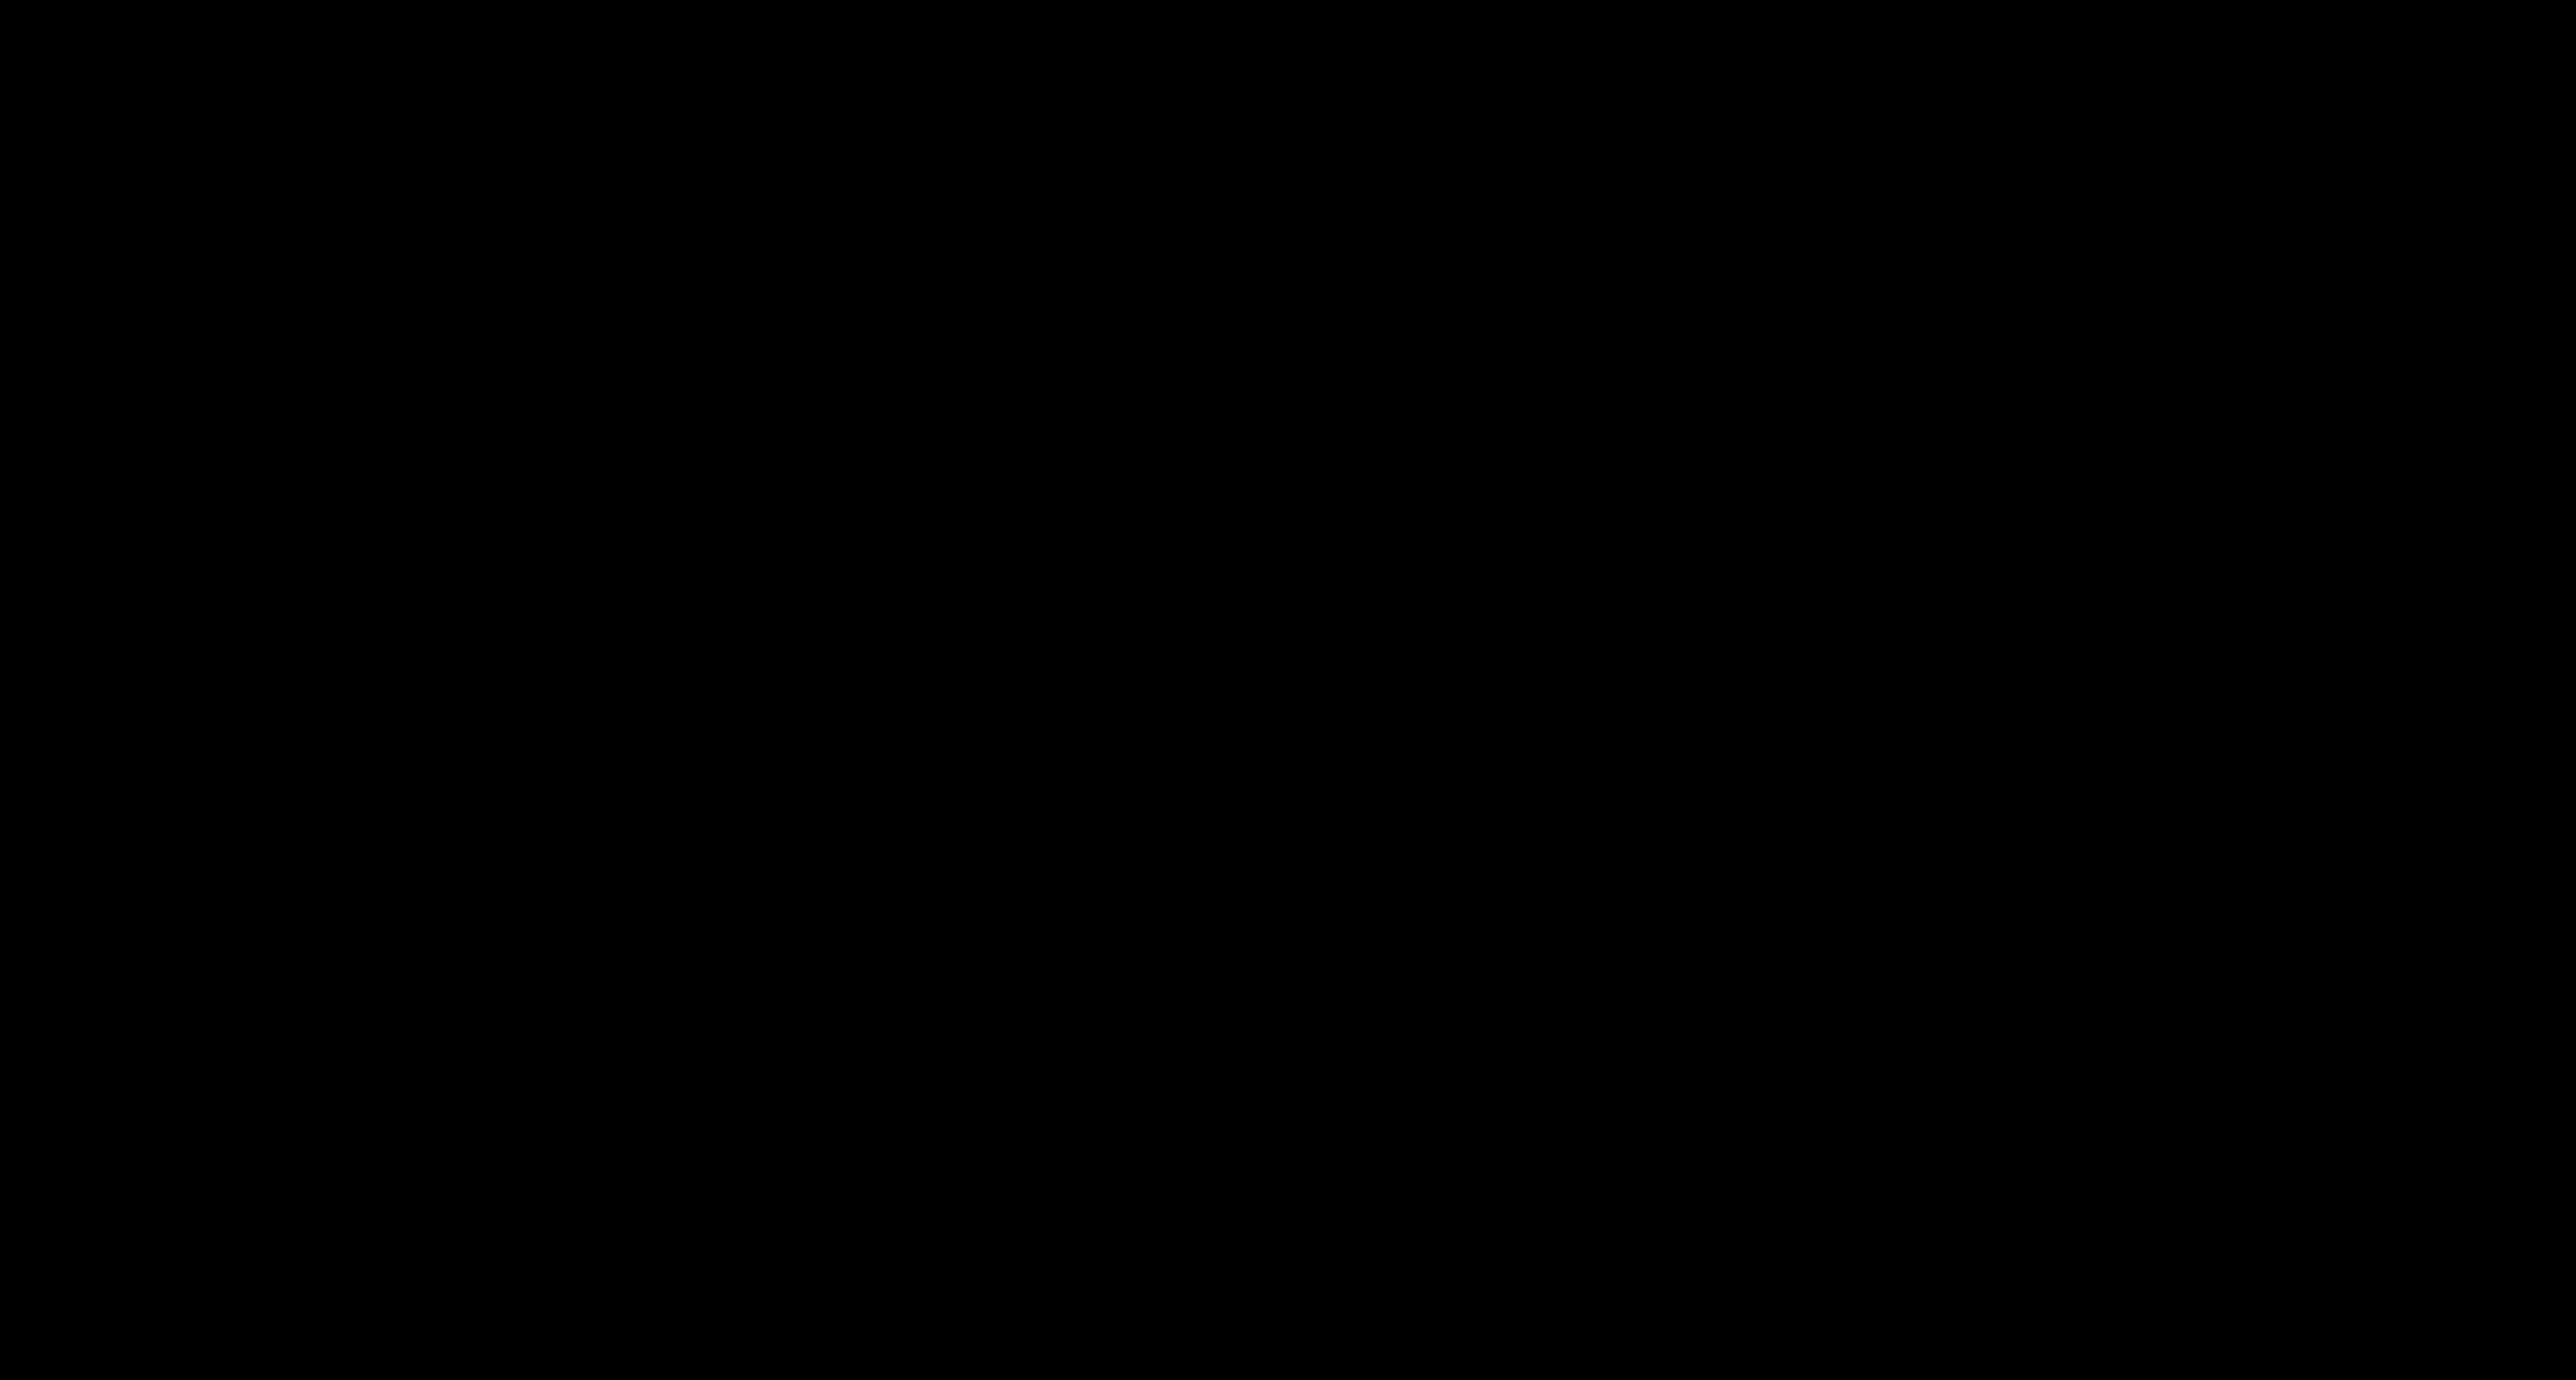 Heron's Landing subdivision layout